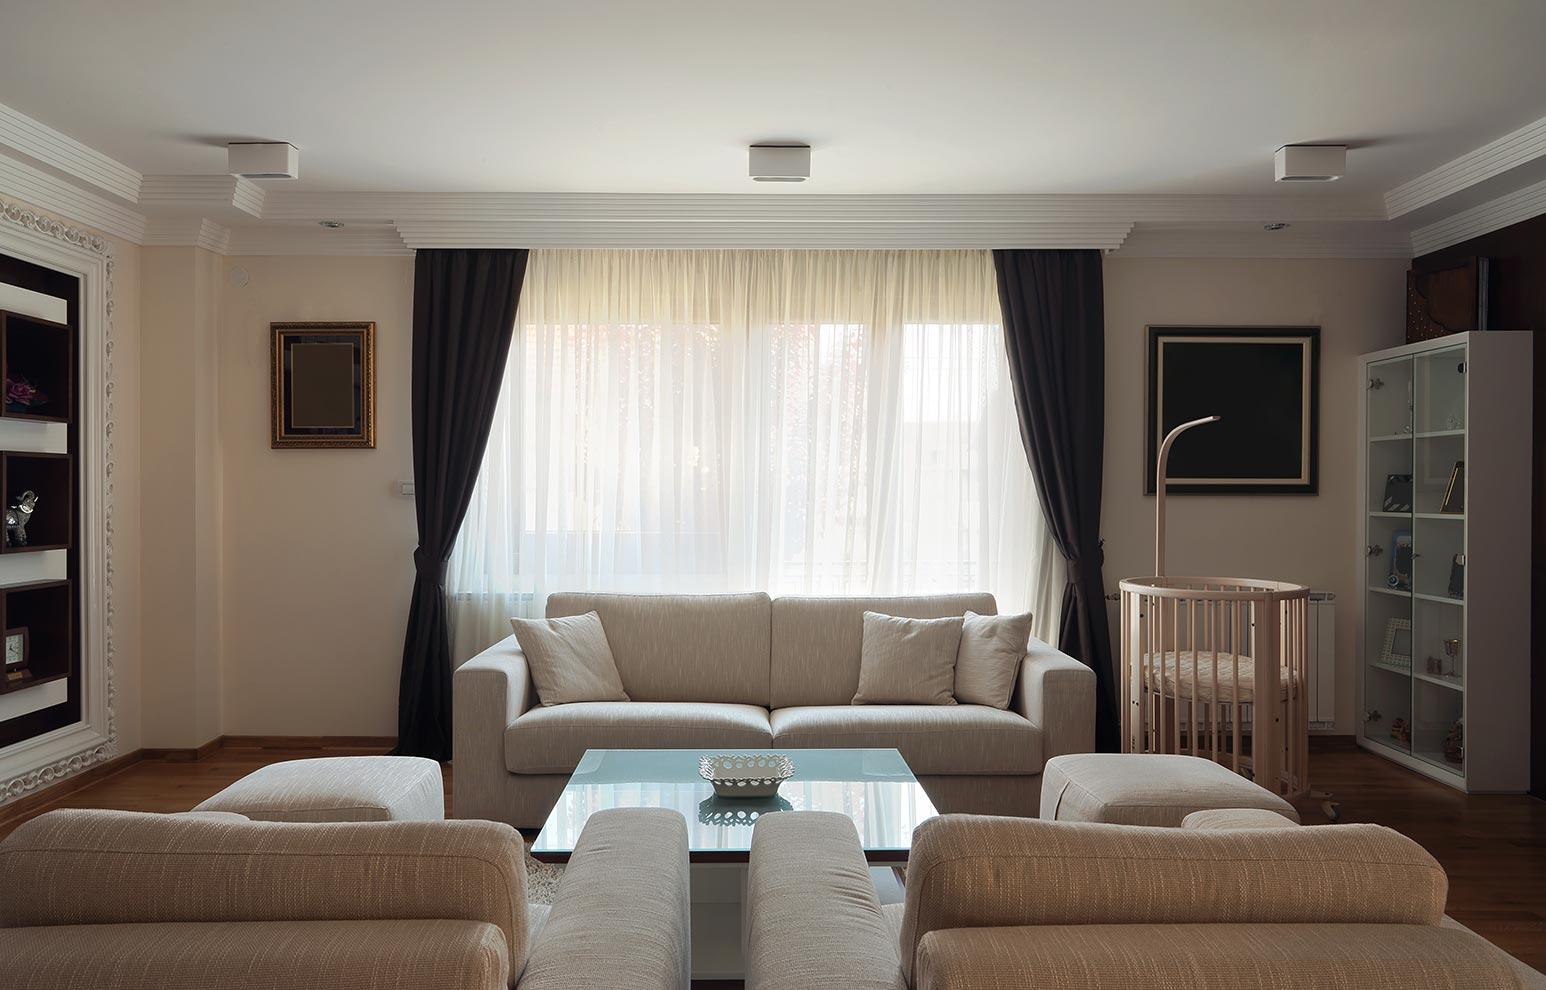 Semi-Sheer Curtains